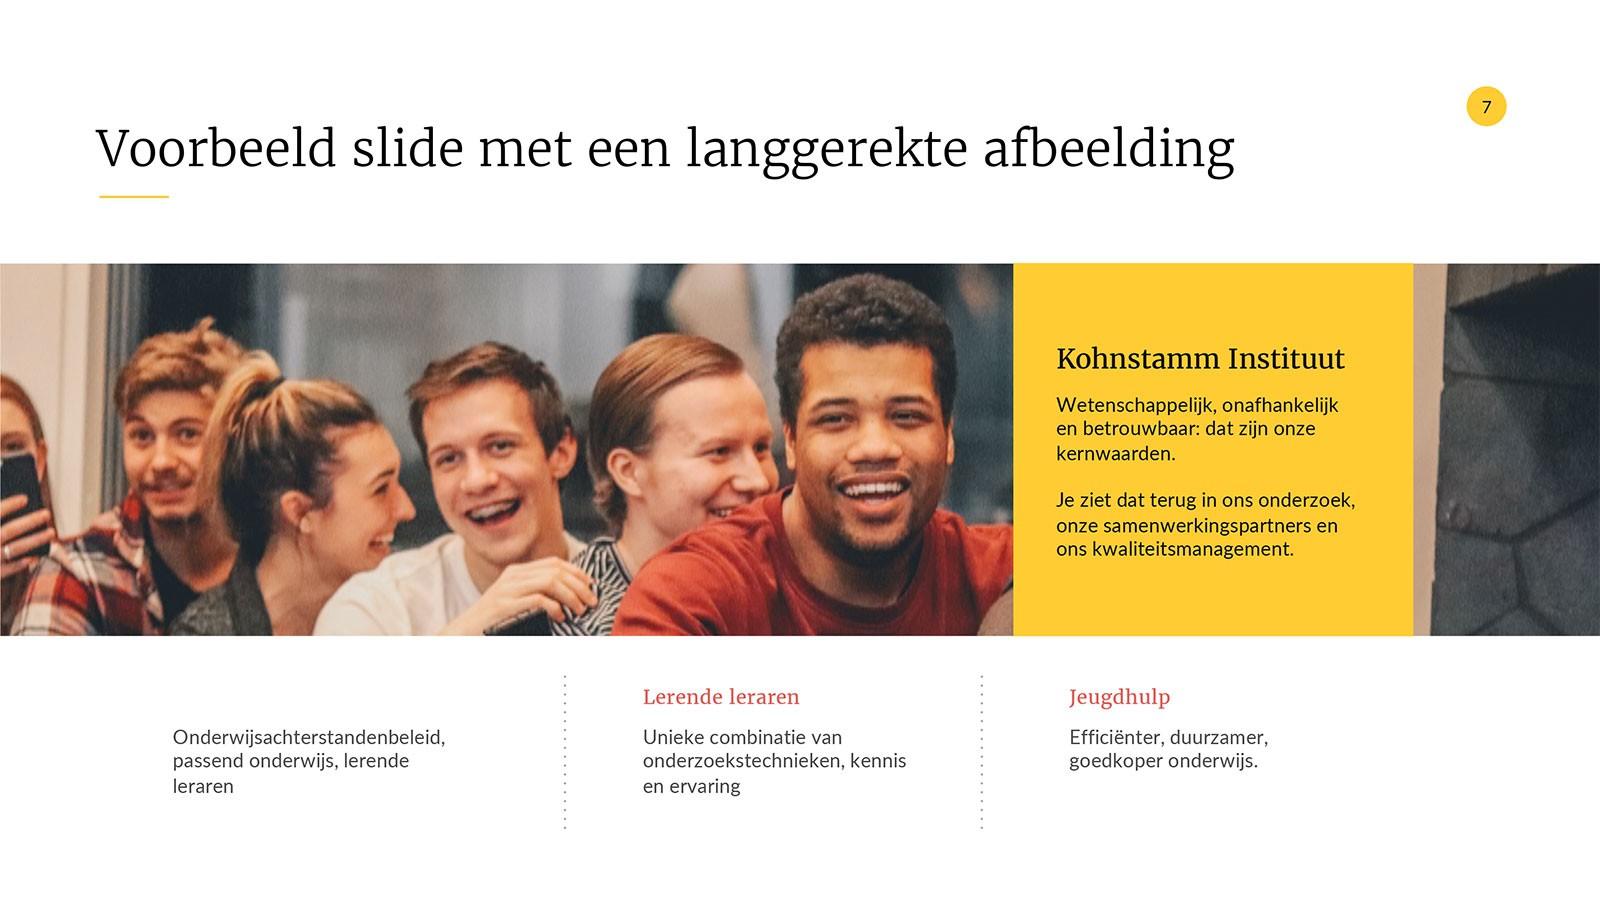 Voorbeeld PowerPoint Presentatie Kohnstamm Instituut - Pagina met tekst en beeld